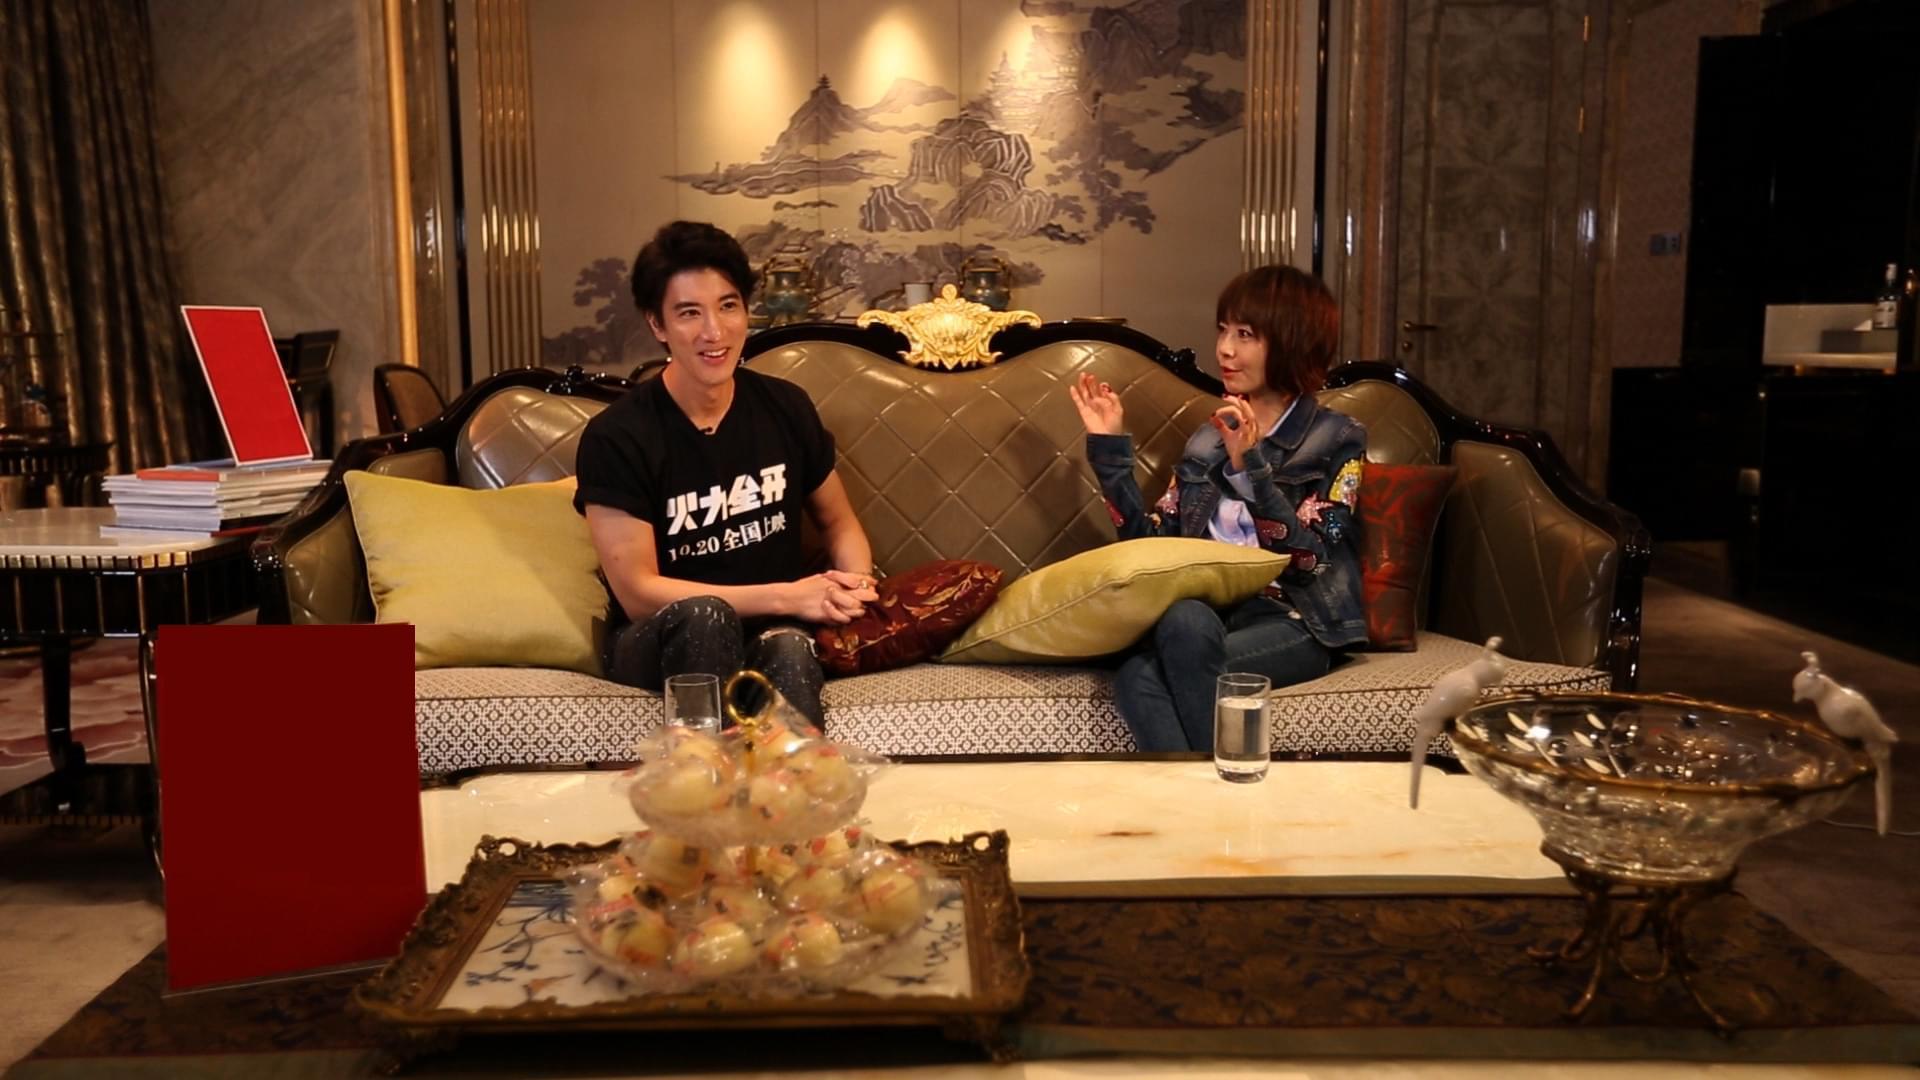 王力宏回应疯狂粉丝 音乐天王也曾有低谷